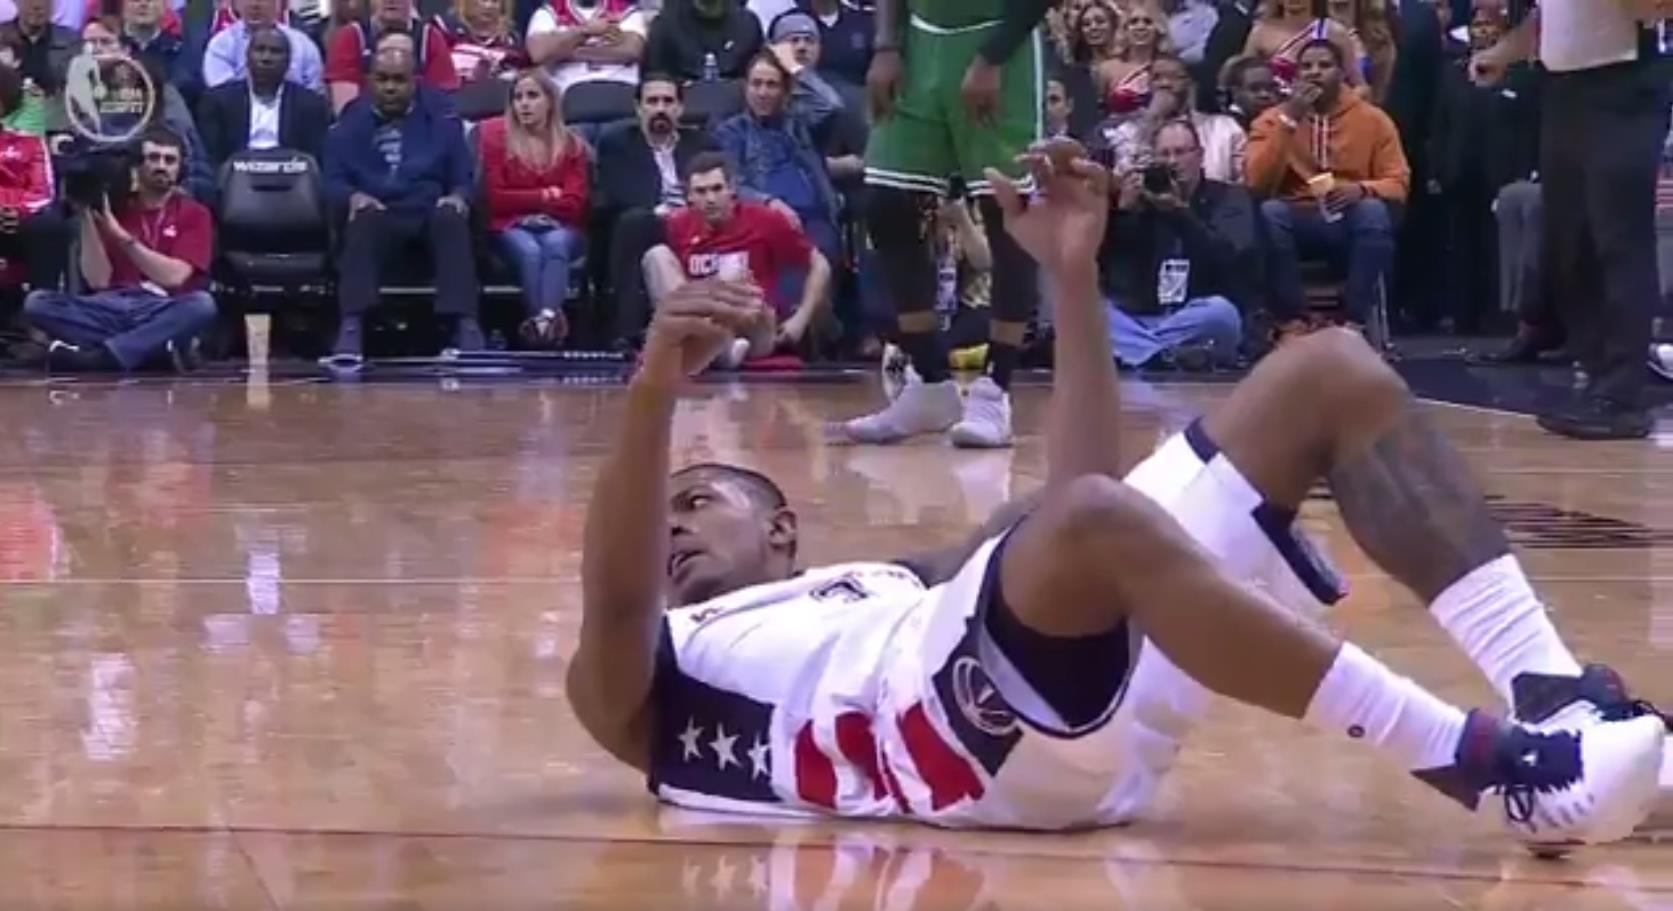 【影片】演技派!比爾上演誇張假摔 媒體吐槽:這簡直就是鯉魚躍龍門-Haters-黑特籃球NBA新聞影片圖片分享社區